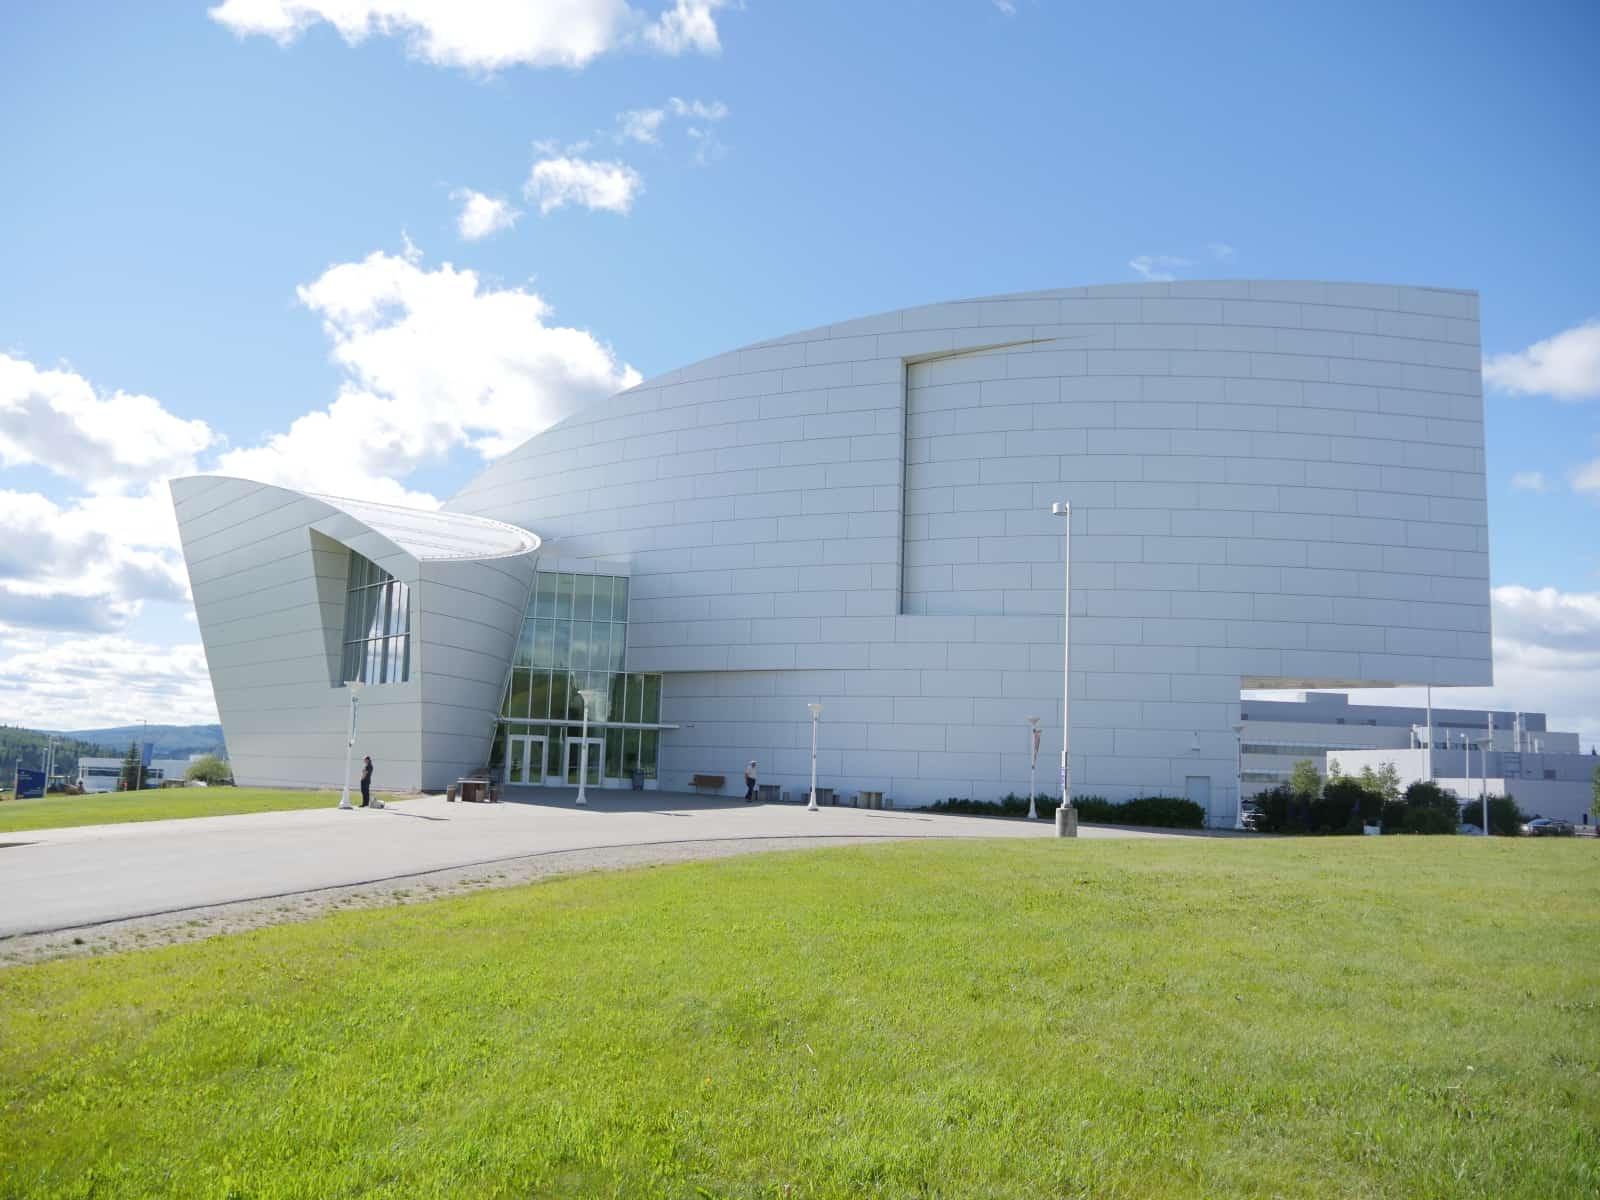 Ein besonderes Gebäude, ein besonderes Museum. Das Museum of the North in Fairbanks, Alaska. Foto FasziKa